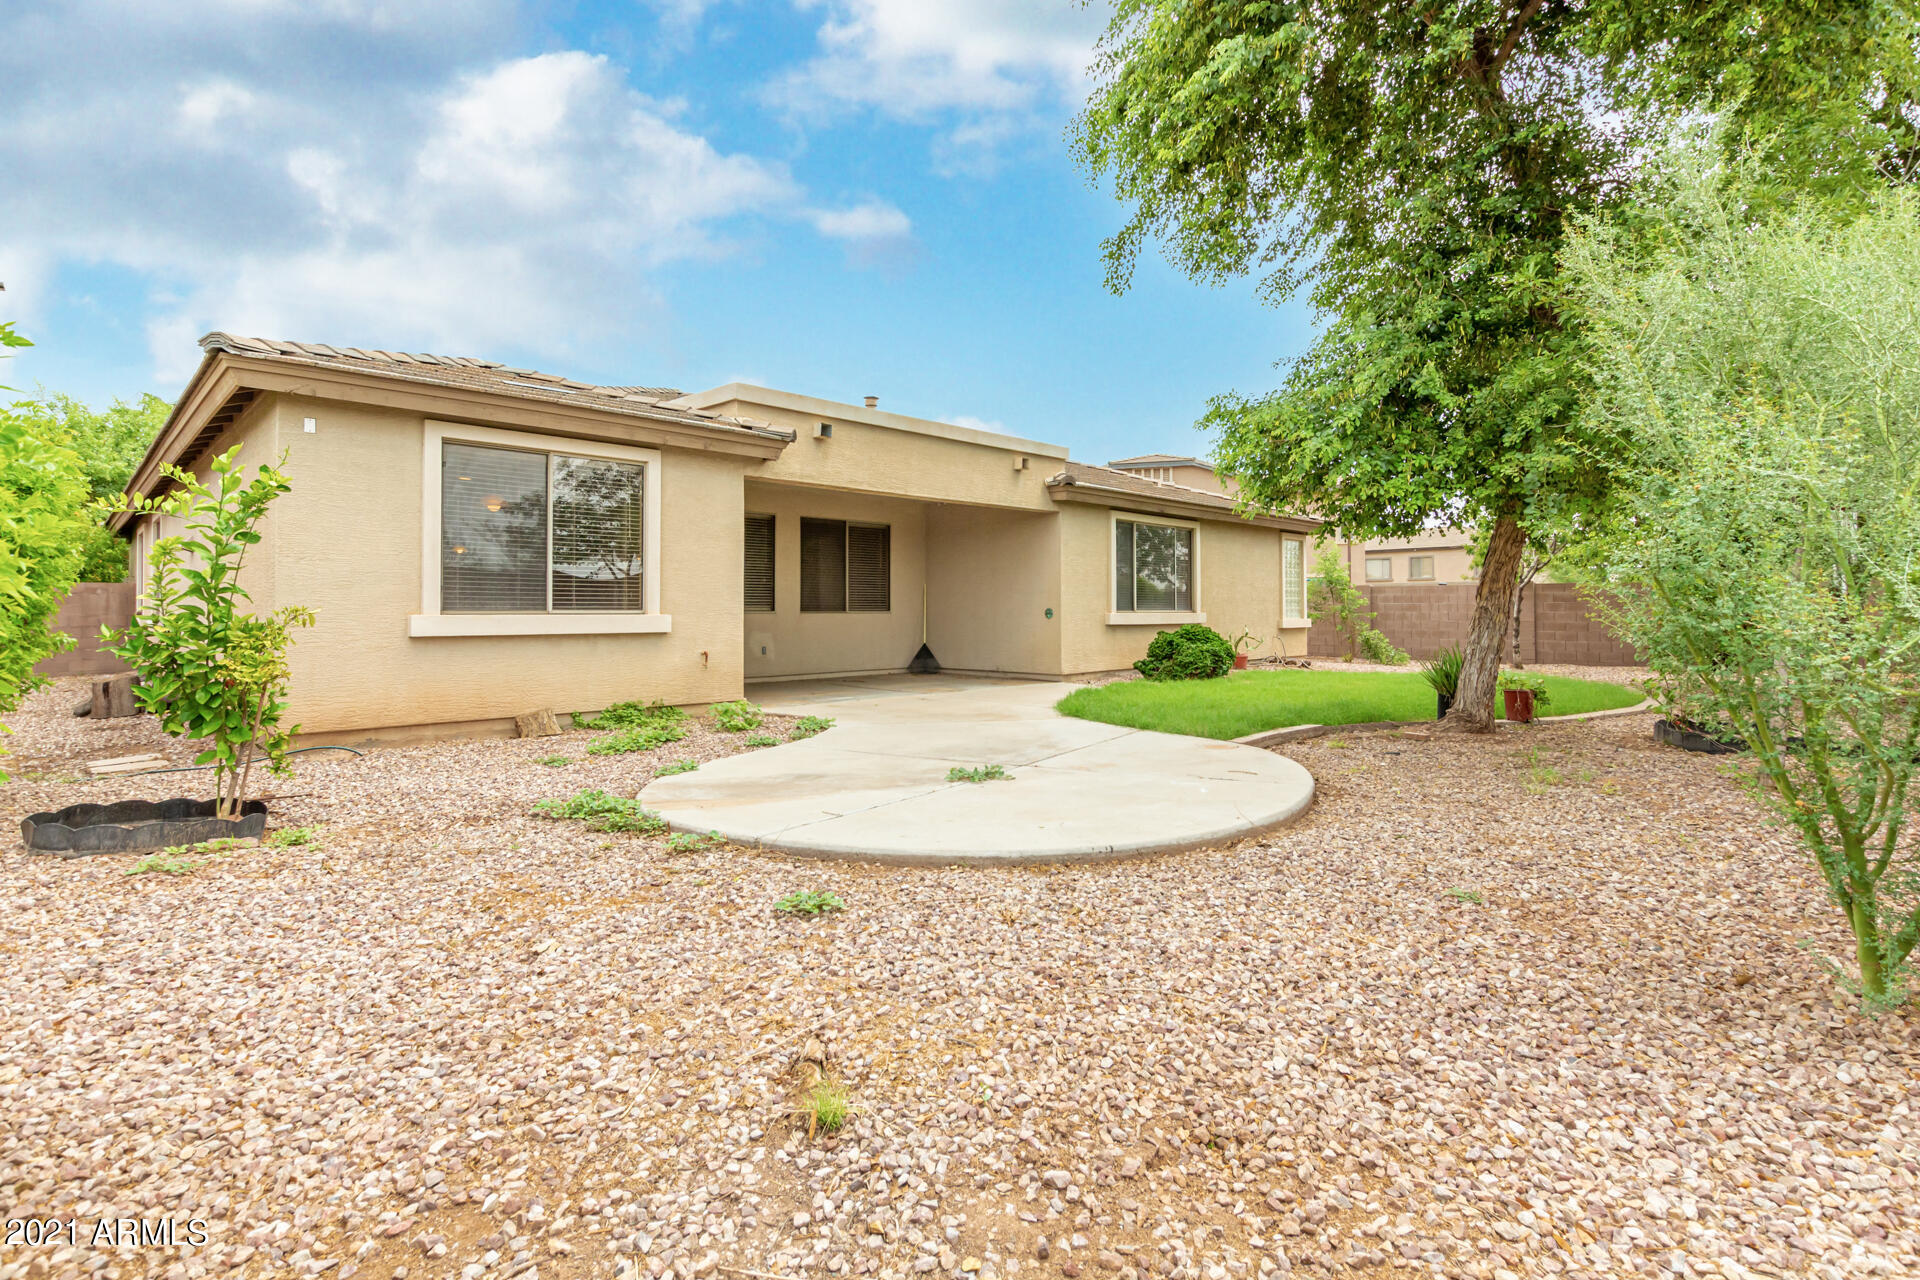 MLS 6268544 465 E FRANCES Lane, Gilbert, AZ 85295 Gilbert AZ Vintage Ranch